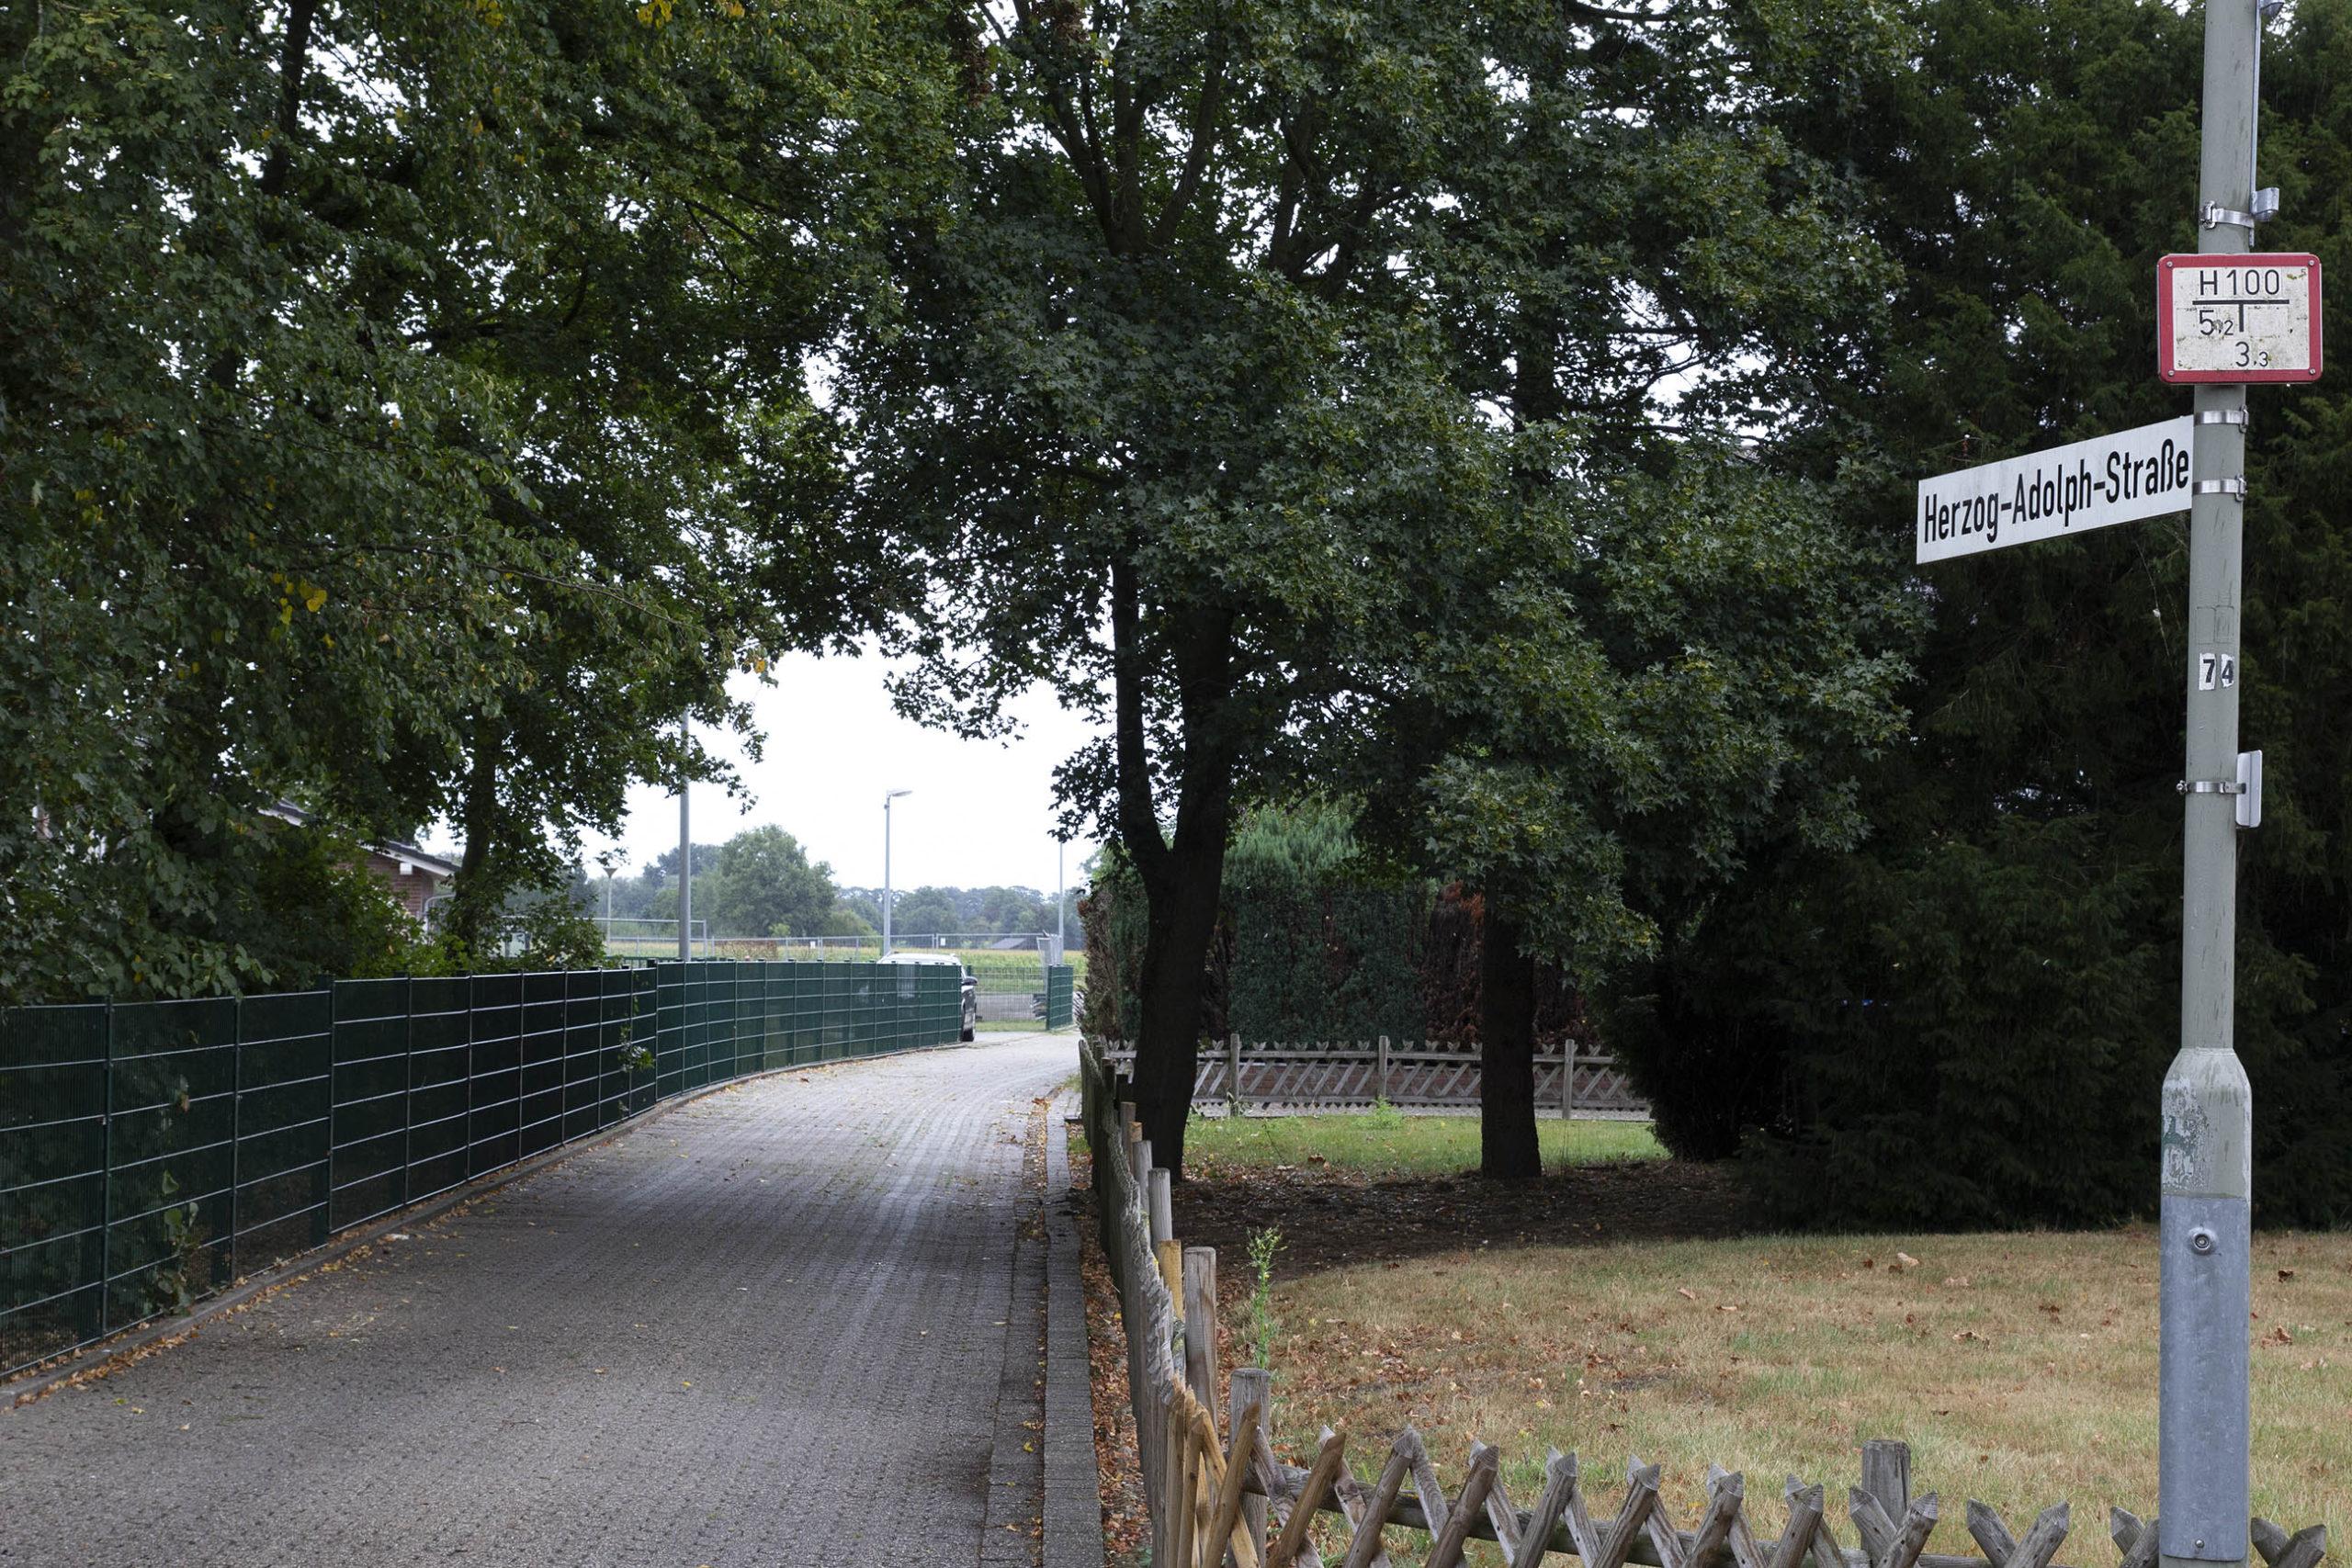 Neue Verkehrsregelung für die Herzog-Adolph-Straße